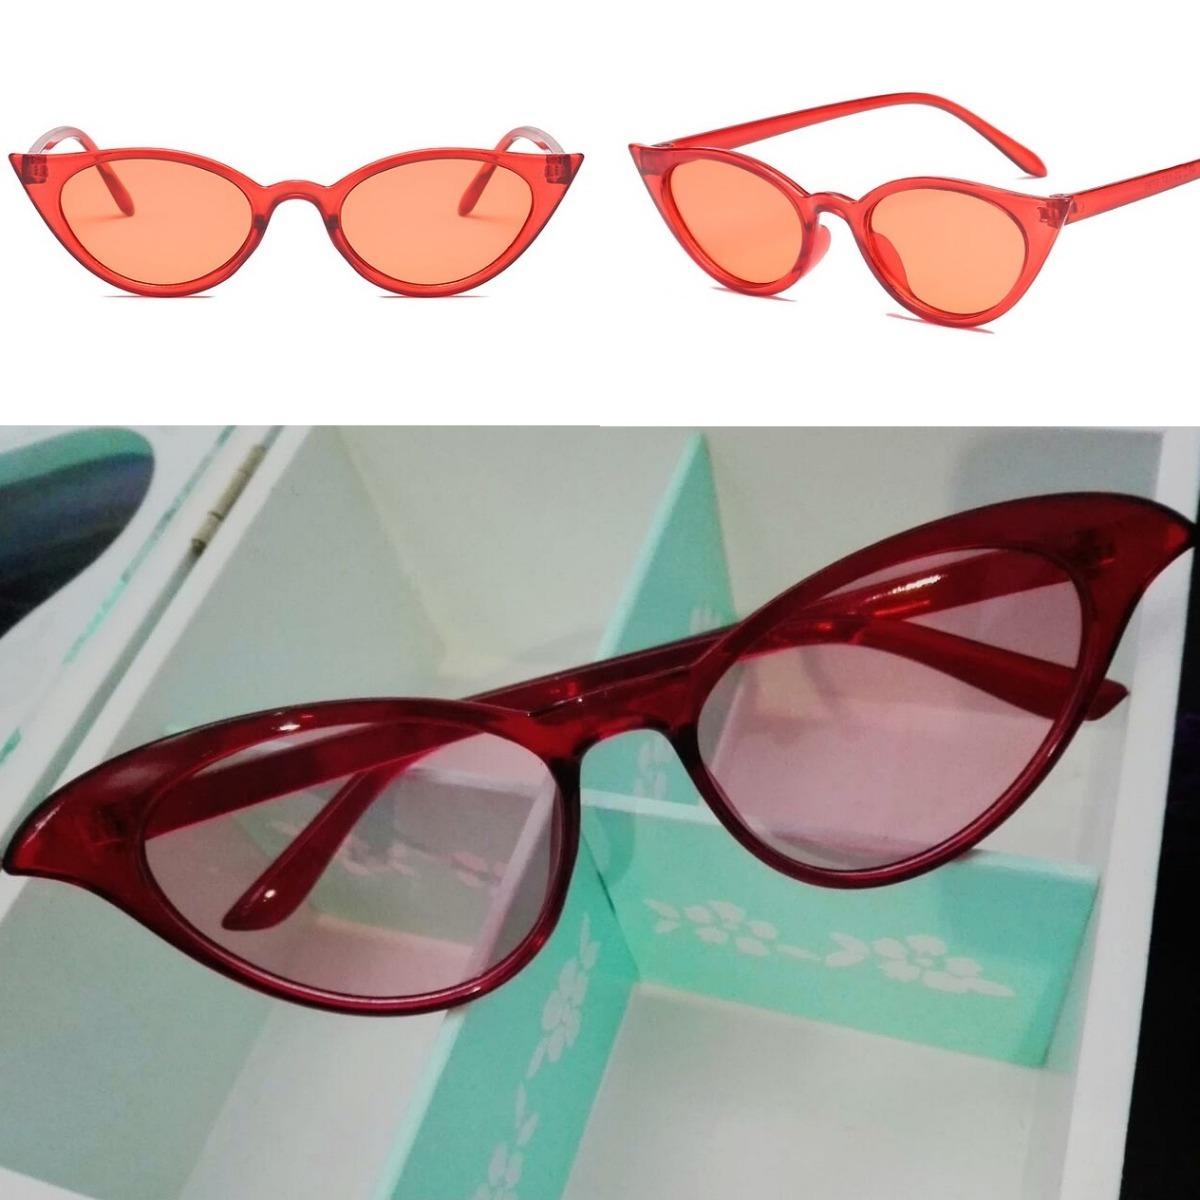 ca4d193282 lentes gafas anteojos sol mujer vintage retro cat eye rojo. Cargando zoom.